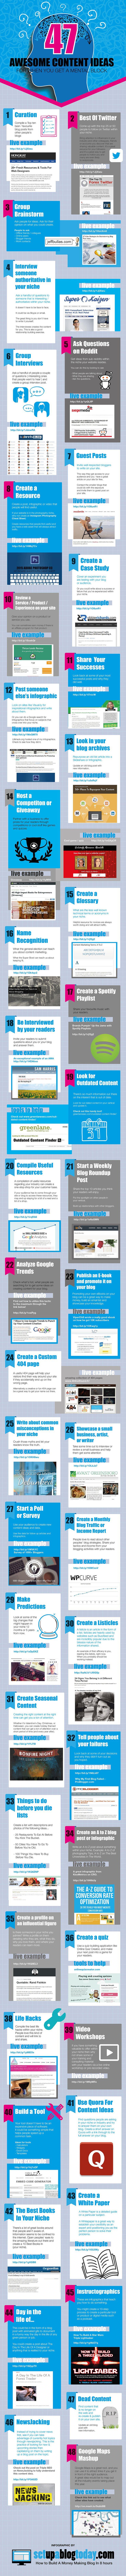 47 ideas inteligentes para eliminar el bloqueo al escribir un blog / 47 Smart Blog Ideas to Kill Writers Block